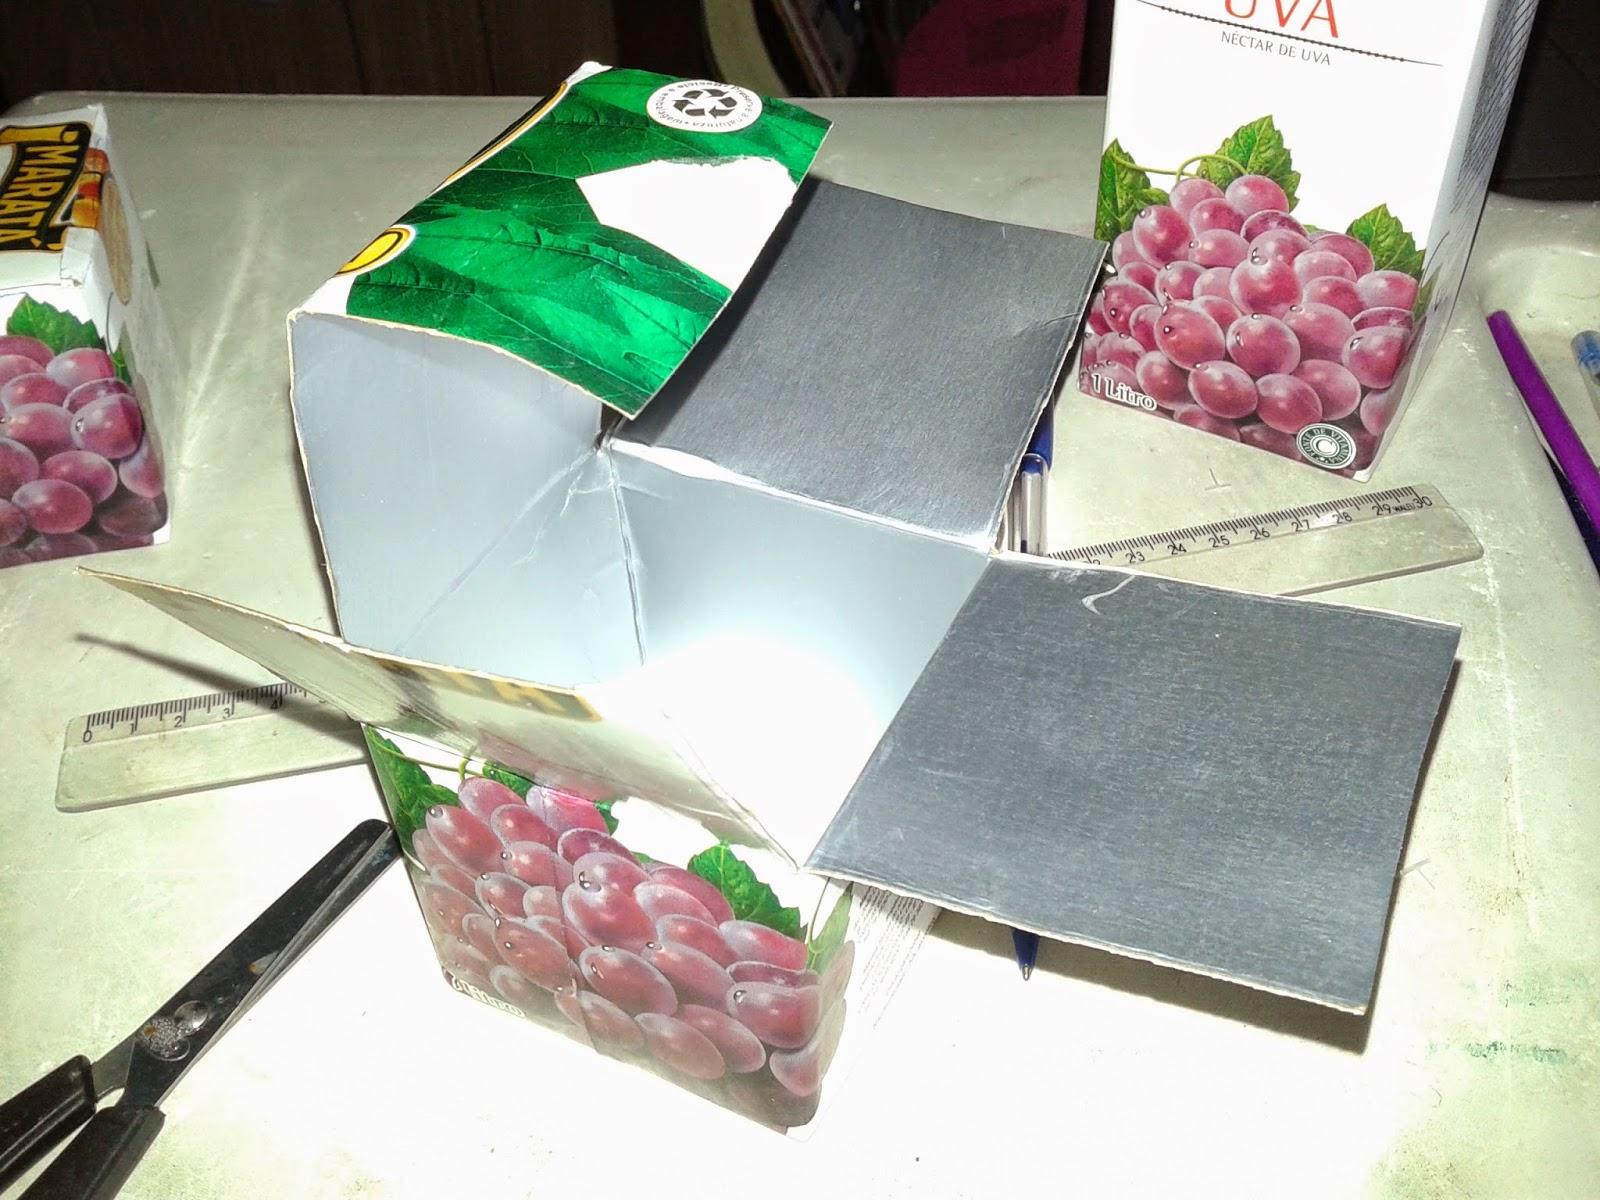 Jogo Pedagógico Cubo Silábico feito com caixas de suco: Reciclagem